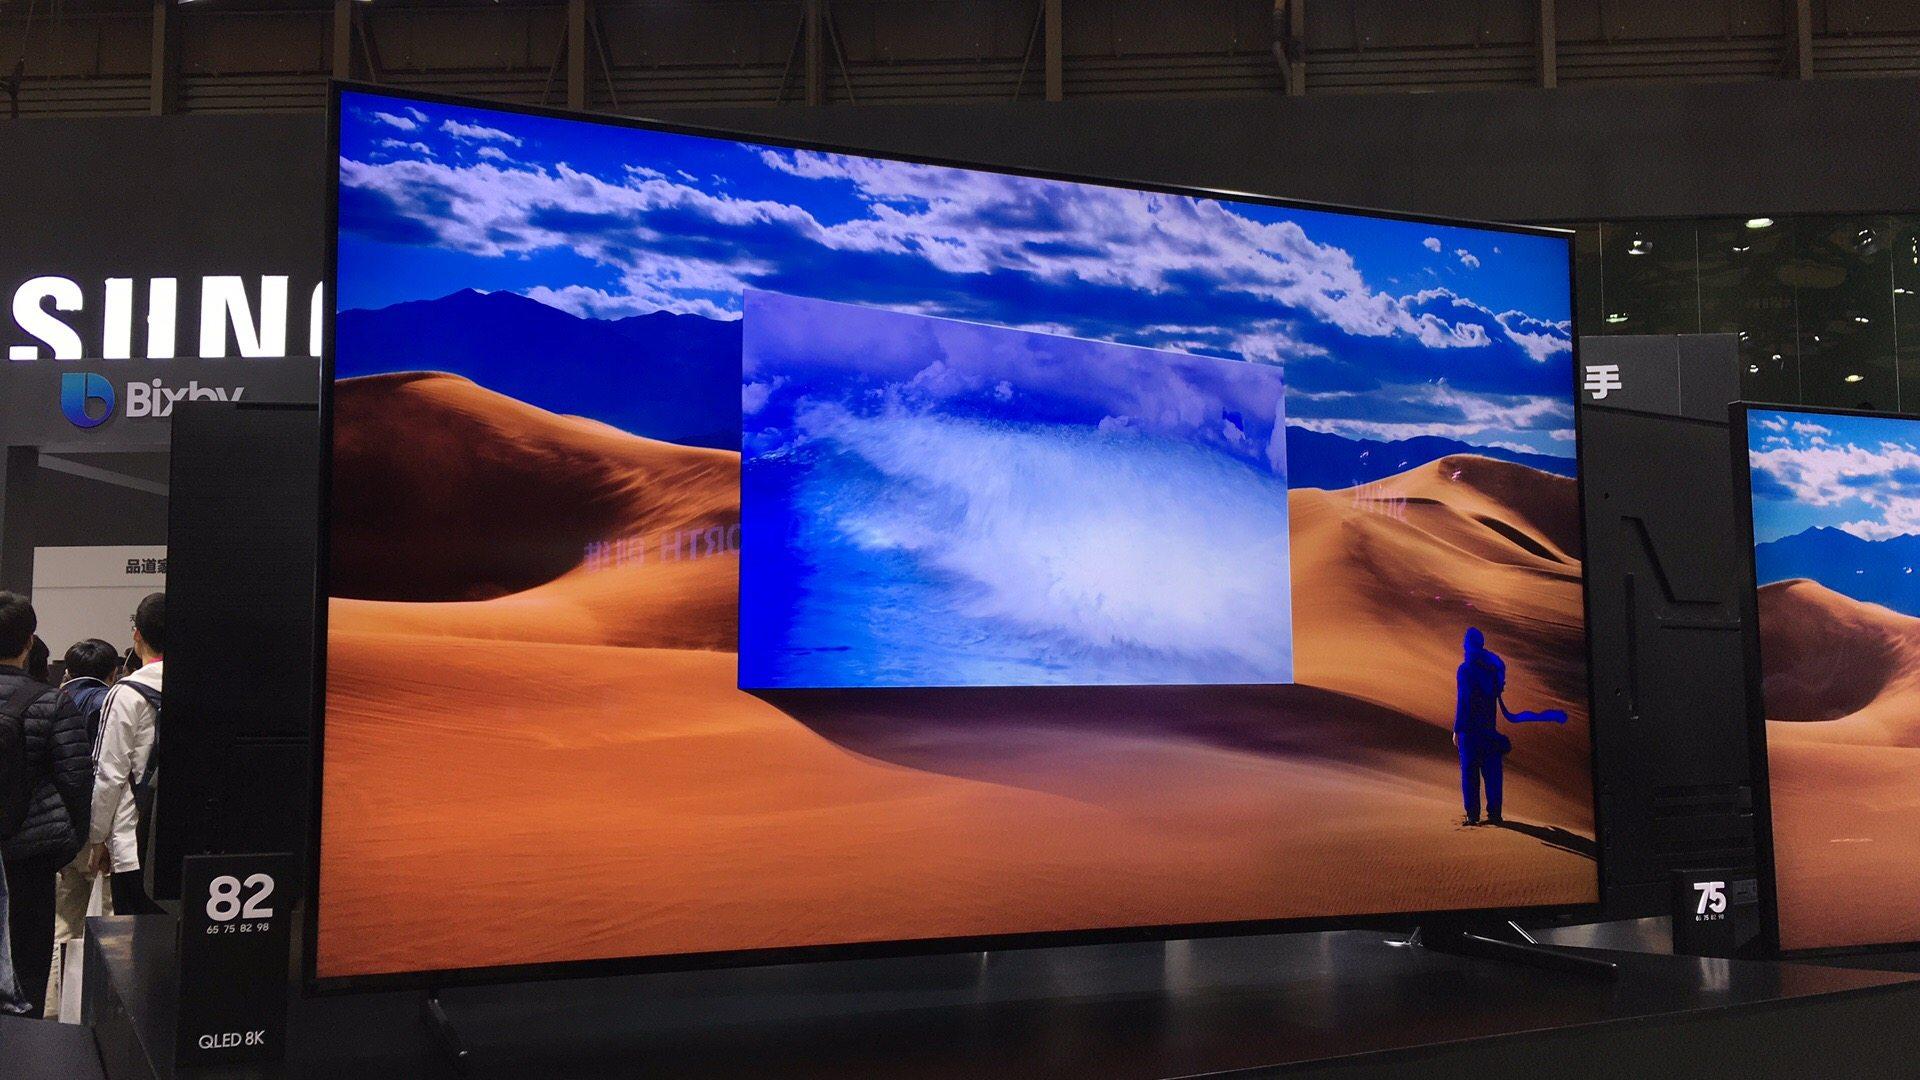 三星预计8月份75英寸以上电视出货量将超过100000台_-_热点资讯-货源百科88网